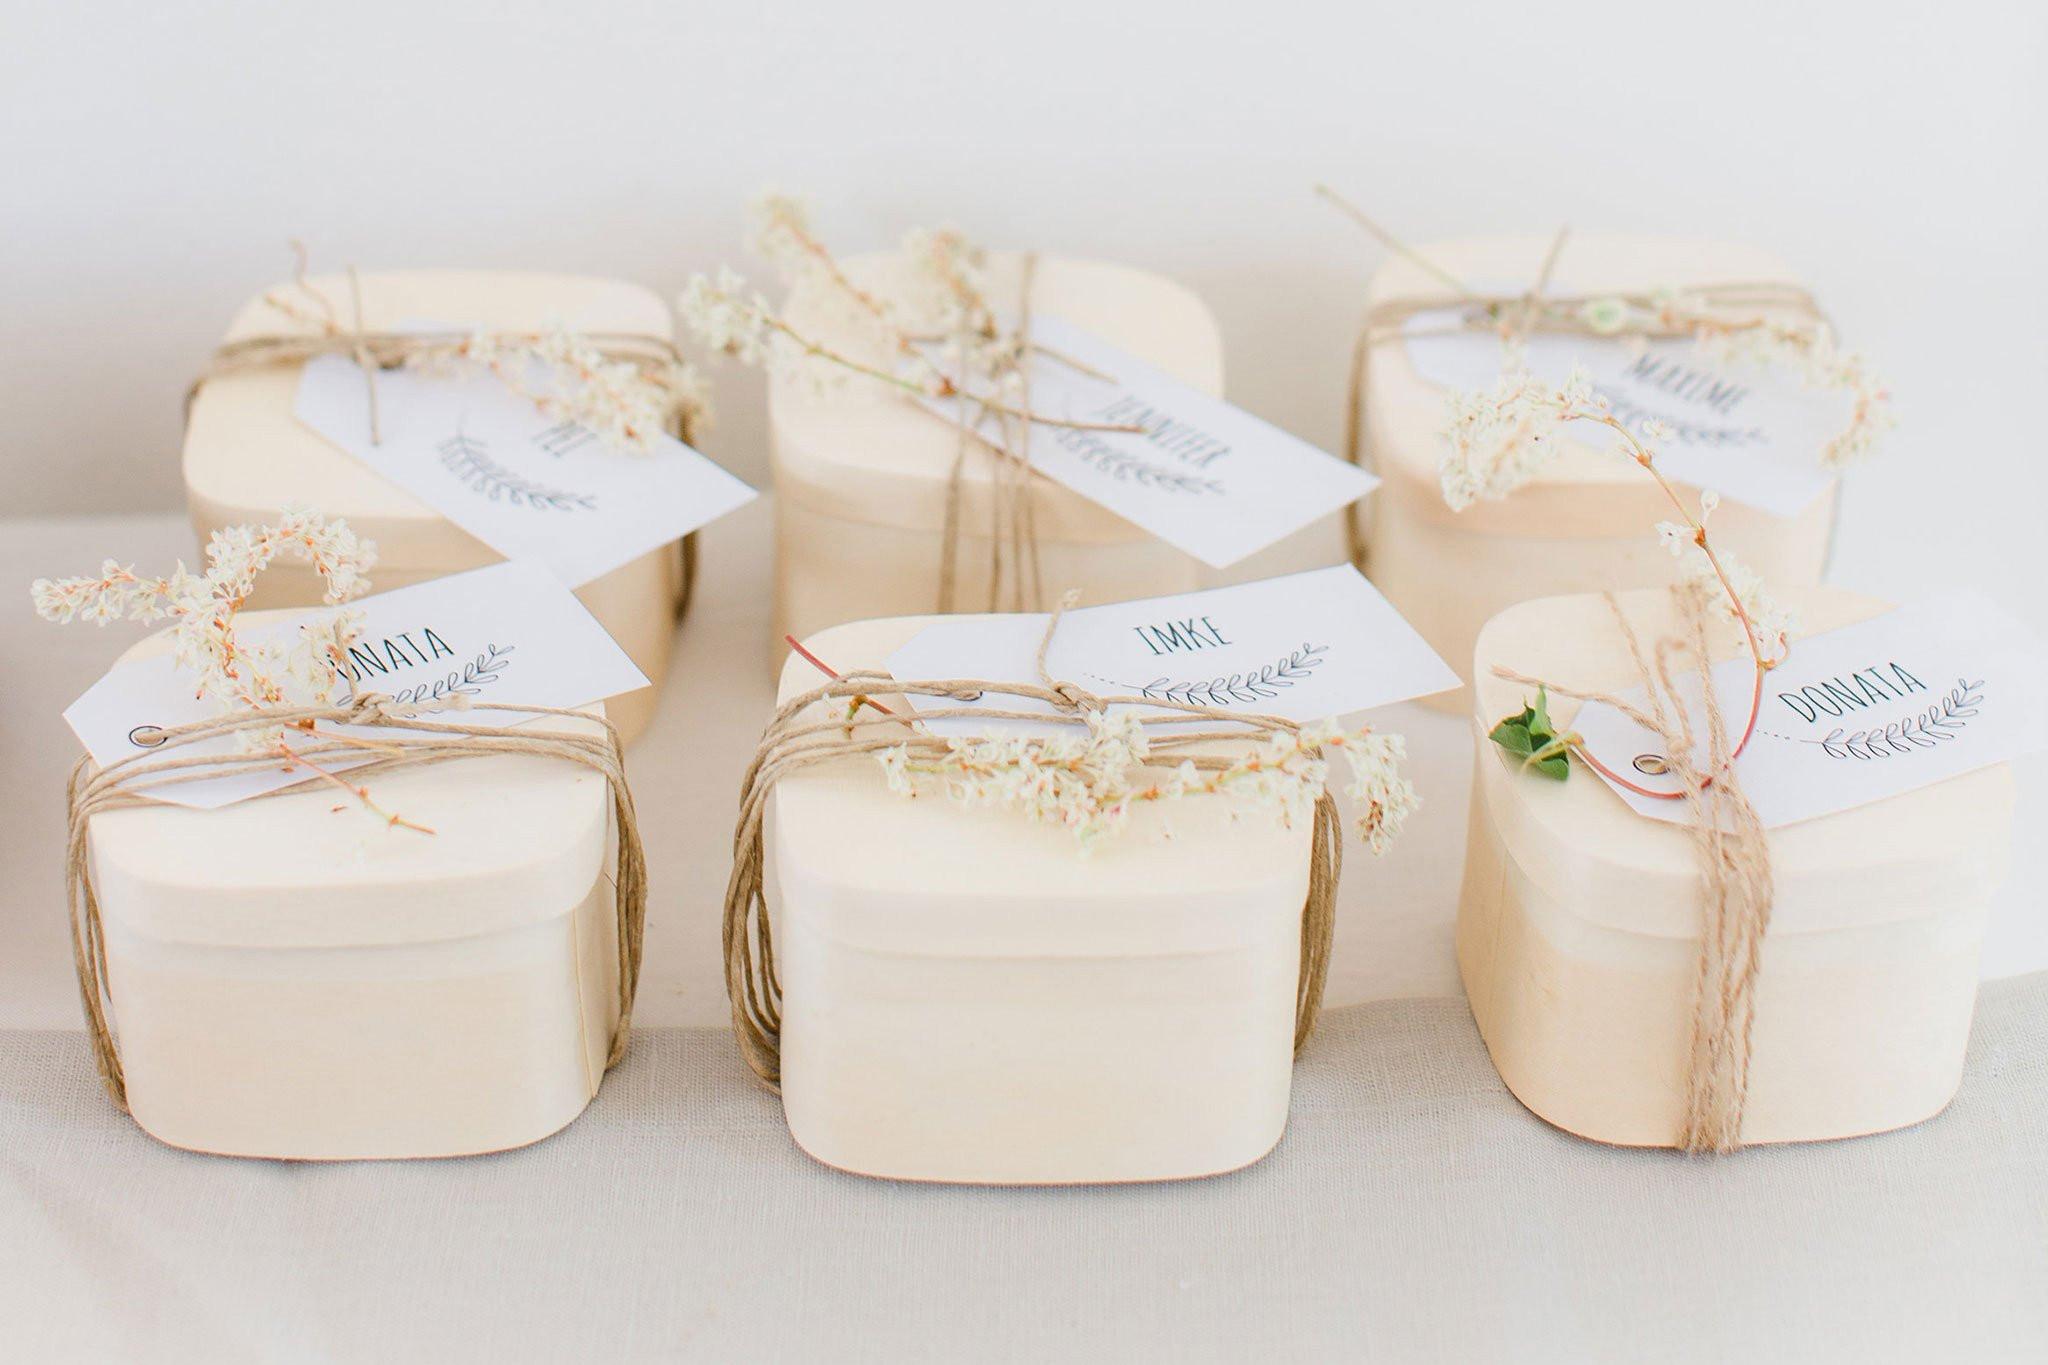 Huwelijksbedankjes Voor Getuigen Originele Cadeaus